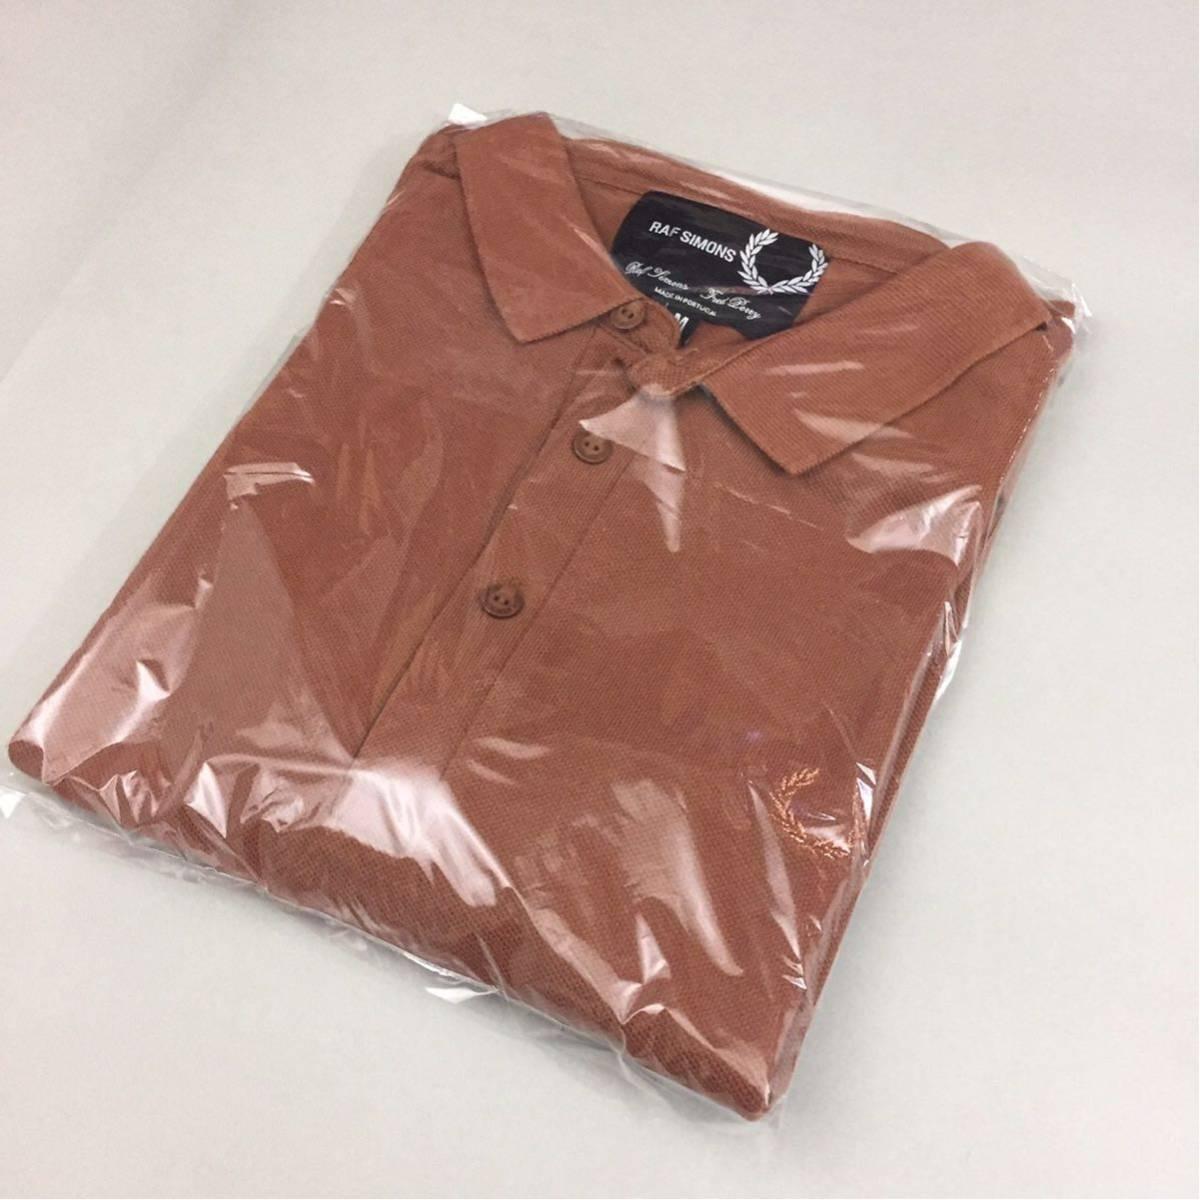 【コラボ】フレッドペリー FRED PERRY ラフシモンズ RAF SIMONS ポロシャツ 半袖 鹿の子 メンズ Mサイズ ブラウン ロゴ 刺繍 ~▽_画像10